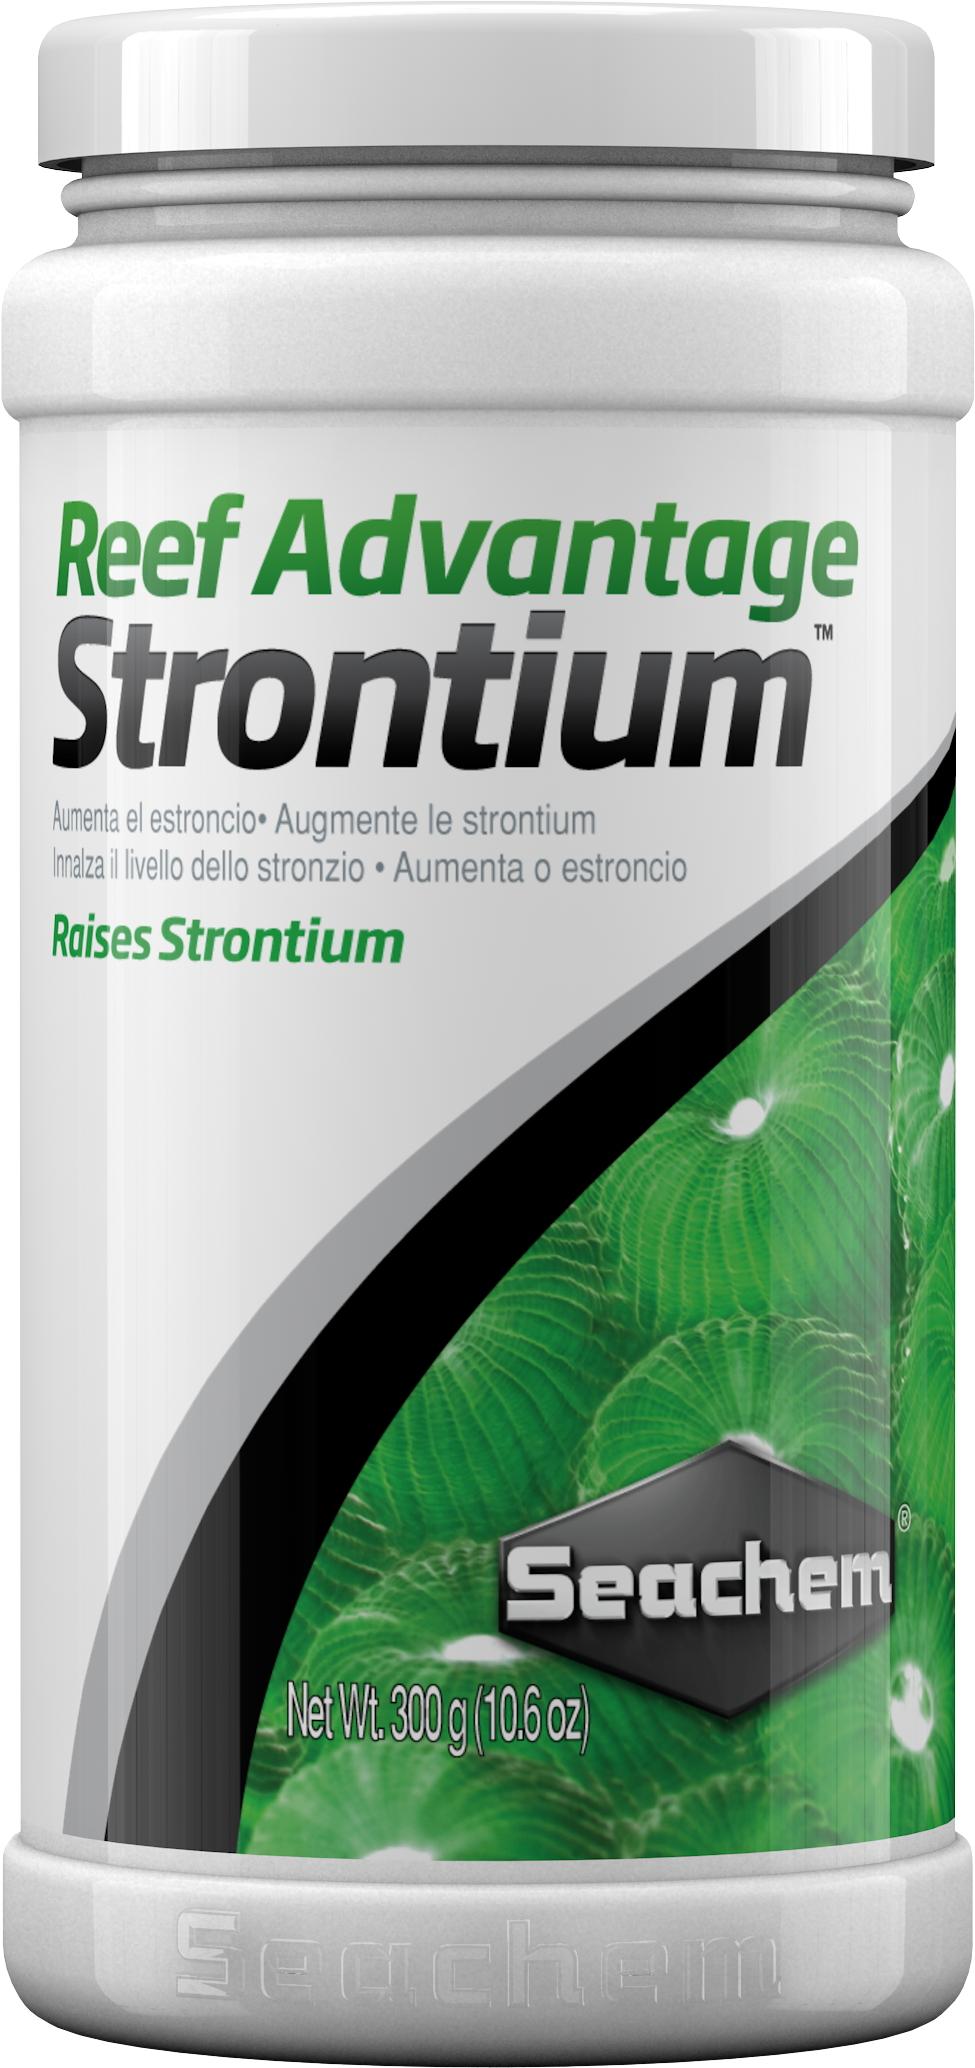 SEACHEM Reef Advantage Strontium 300 gr. restaure / maintien le Strontium à un niveau proche de l\'eau de mer naturelle